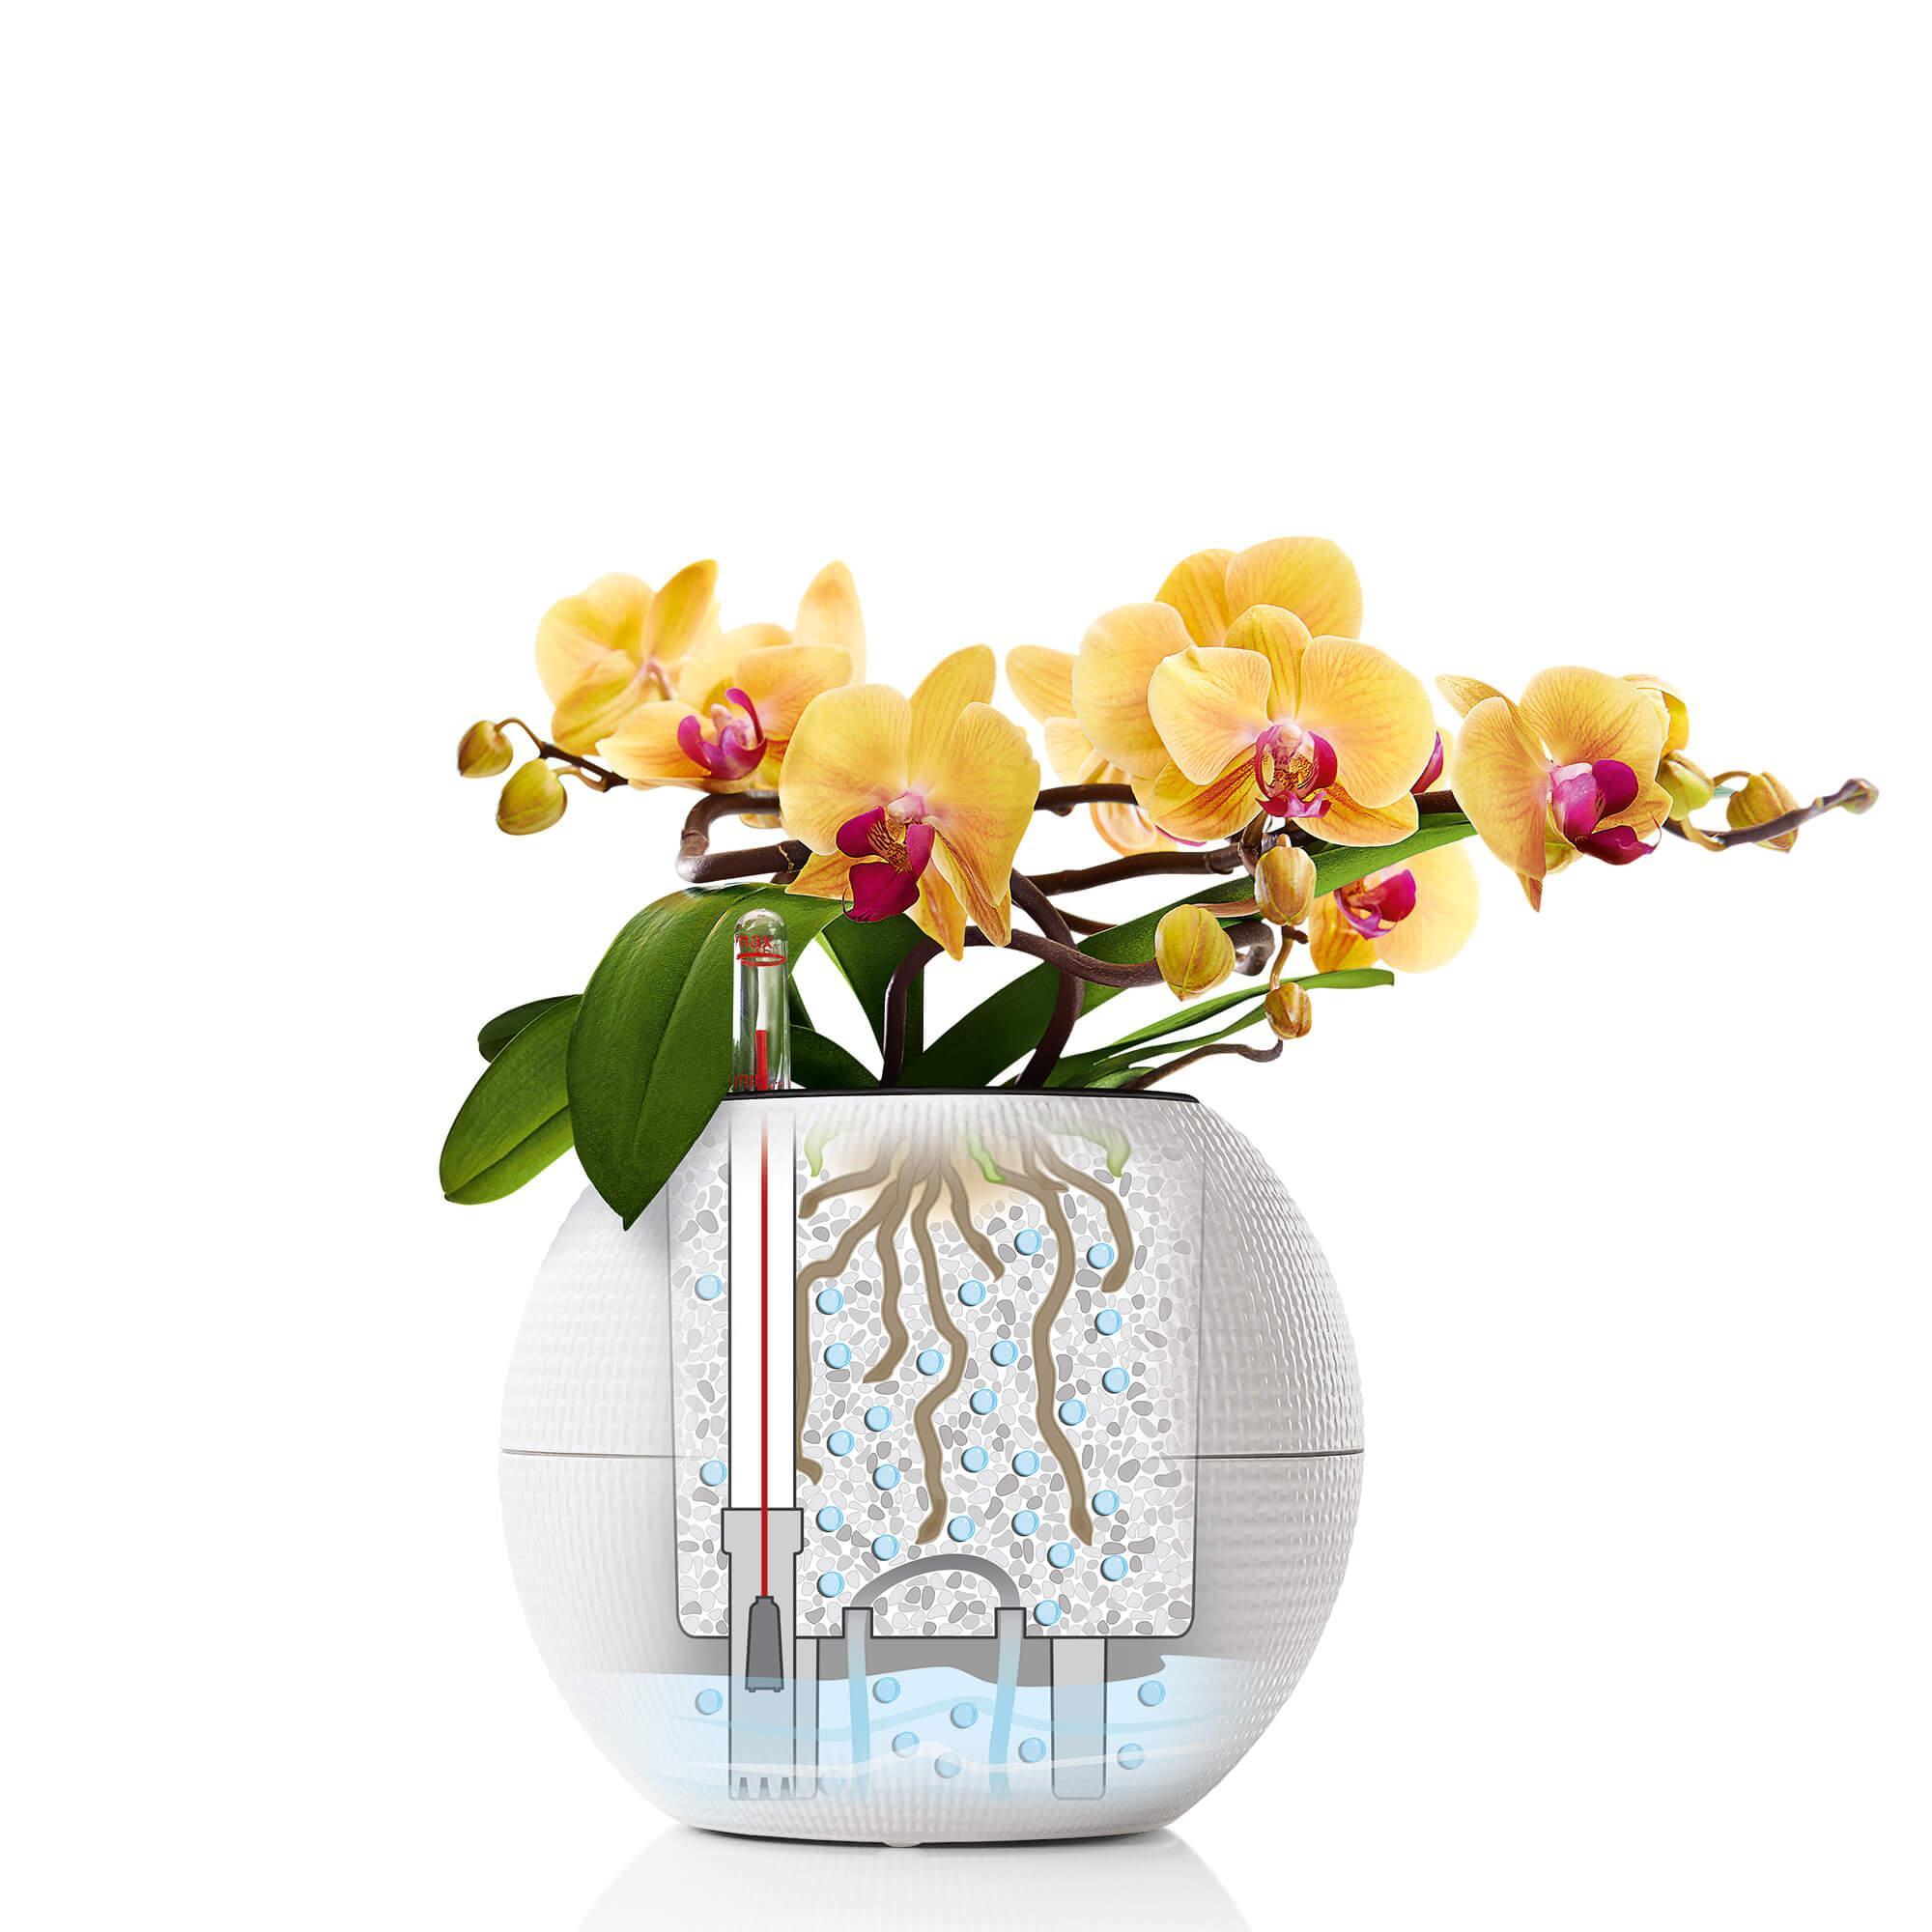 LECHUZA-PURO Color 20 white - Image 10